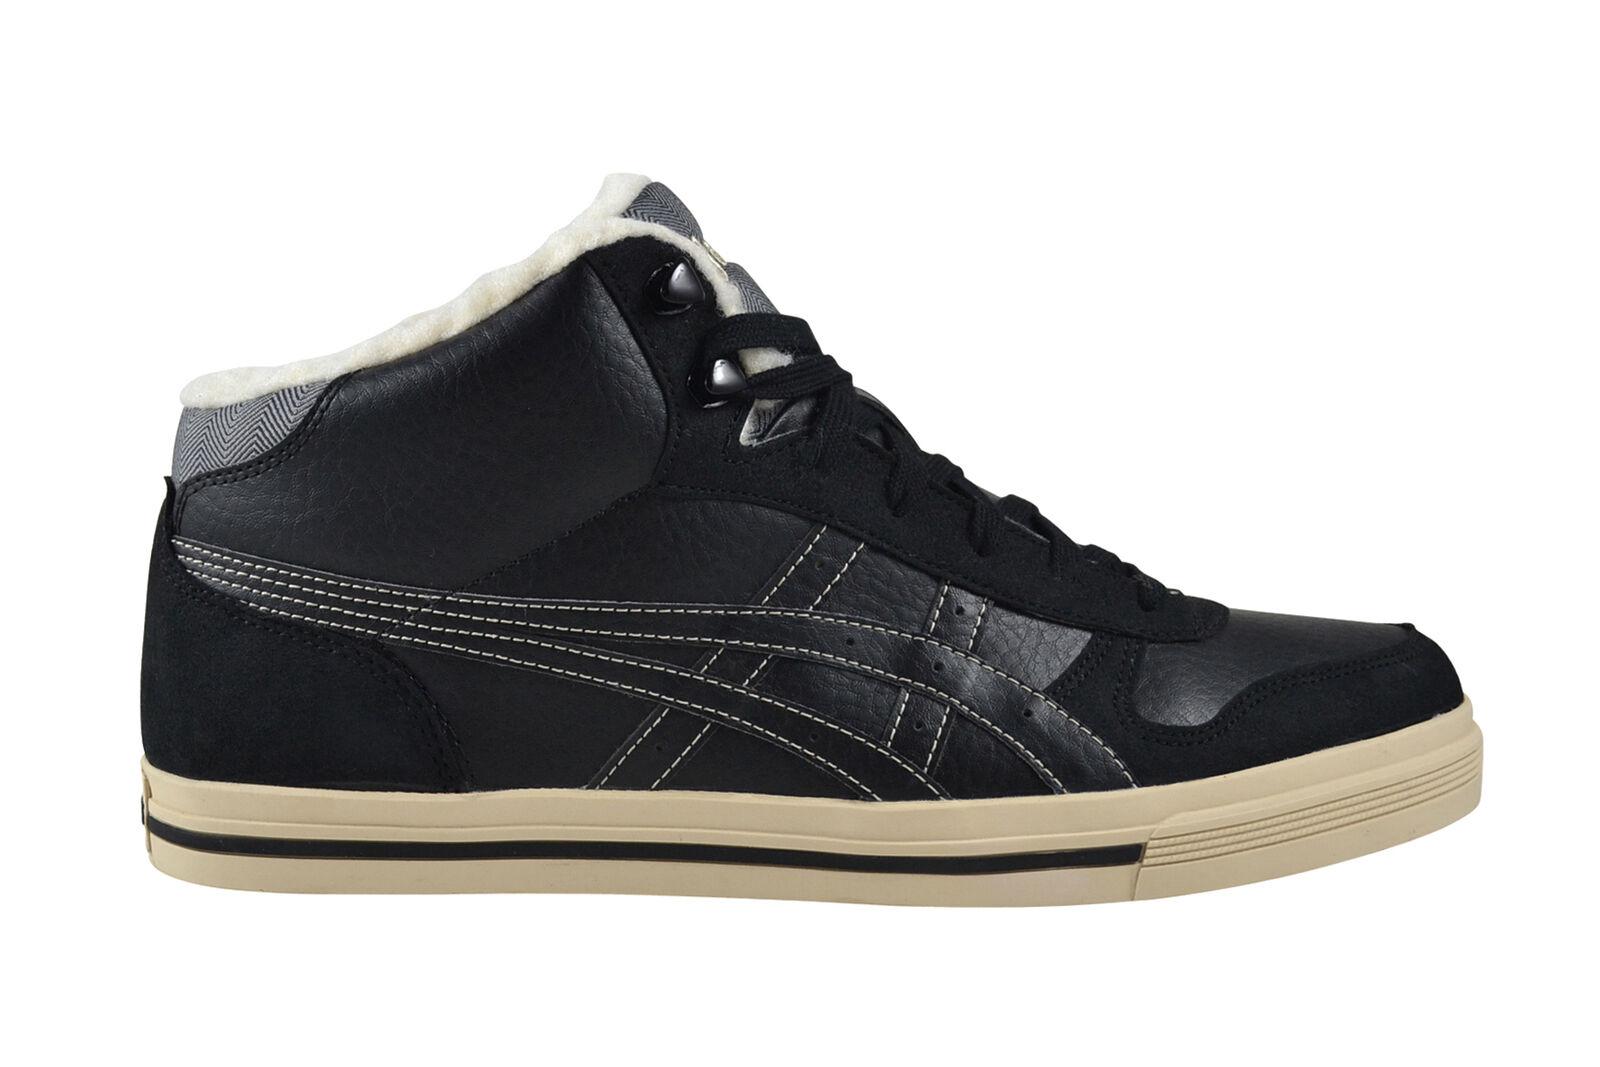 Asics aaron mt negro alimentados zapatos botas negro hy50t 9090